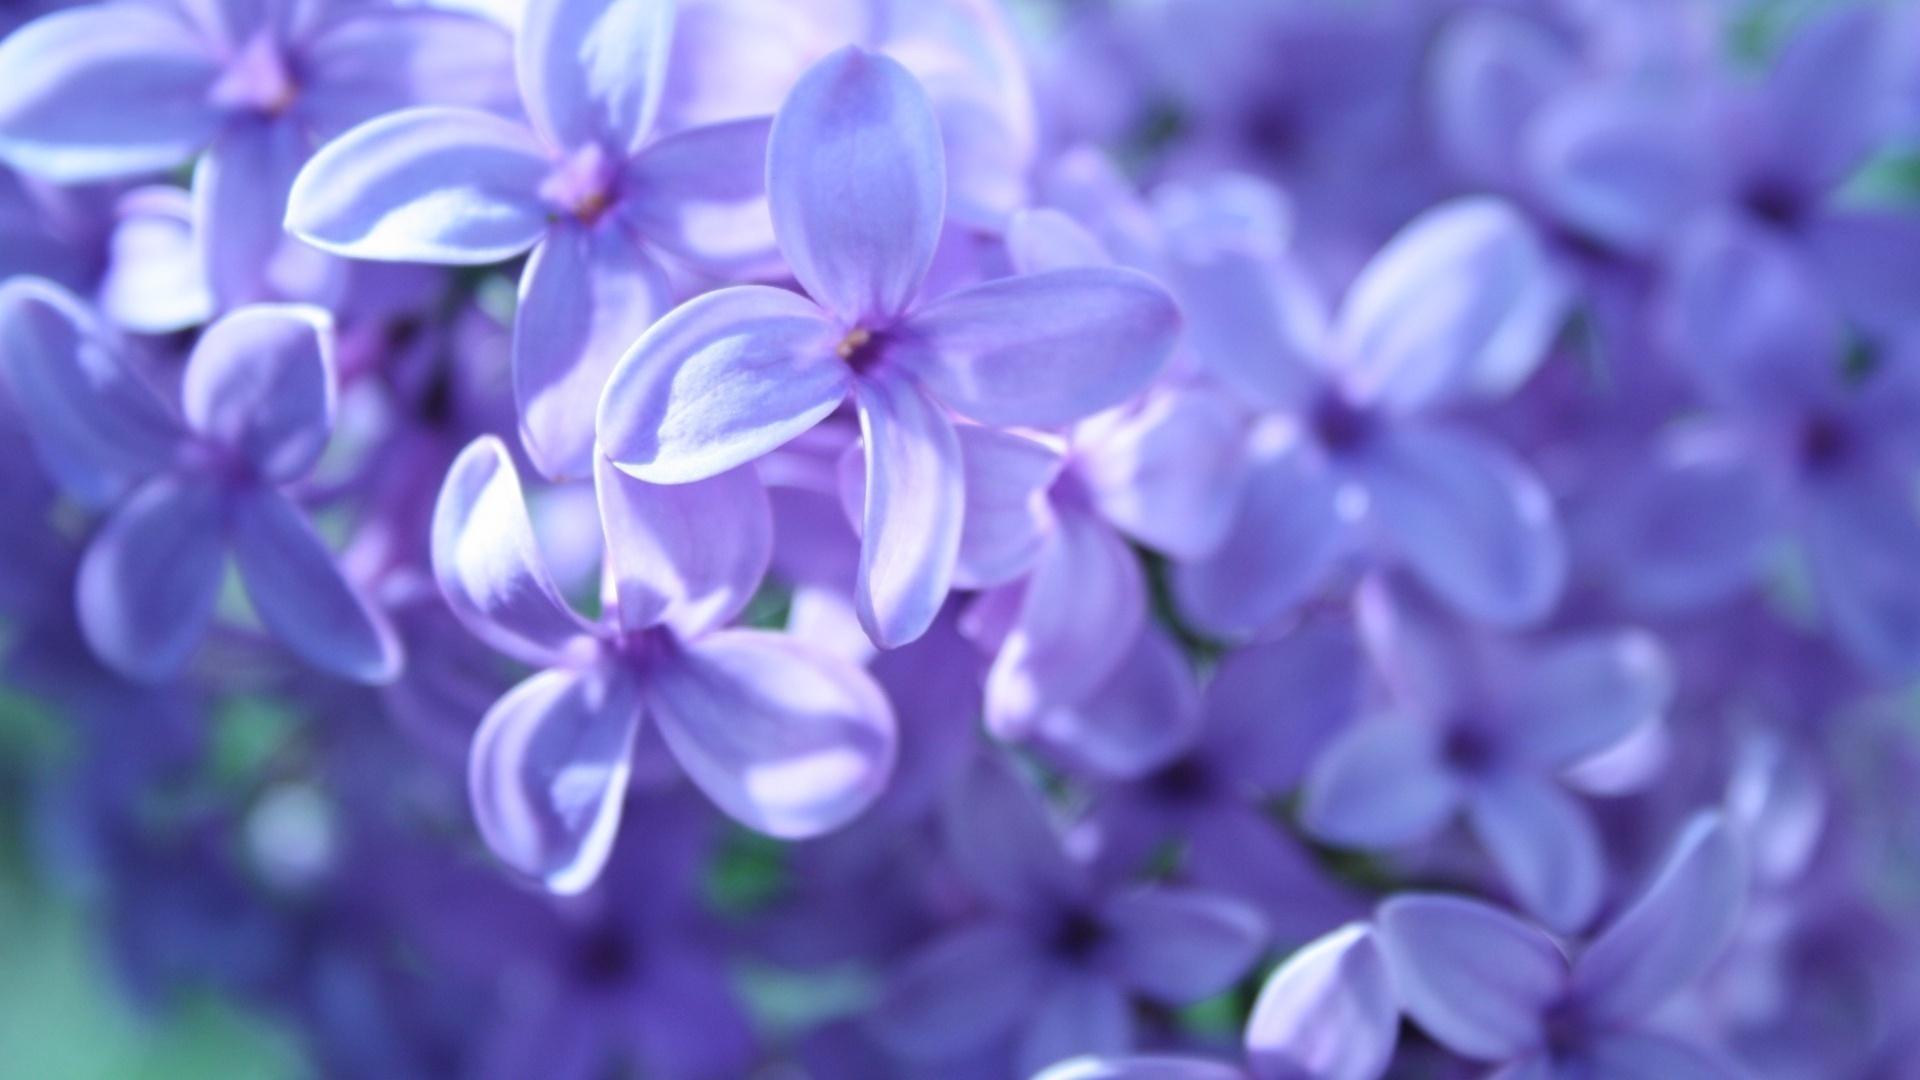 Красивого, картинки цветы сирени на рабочий стол